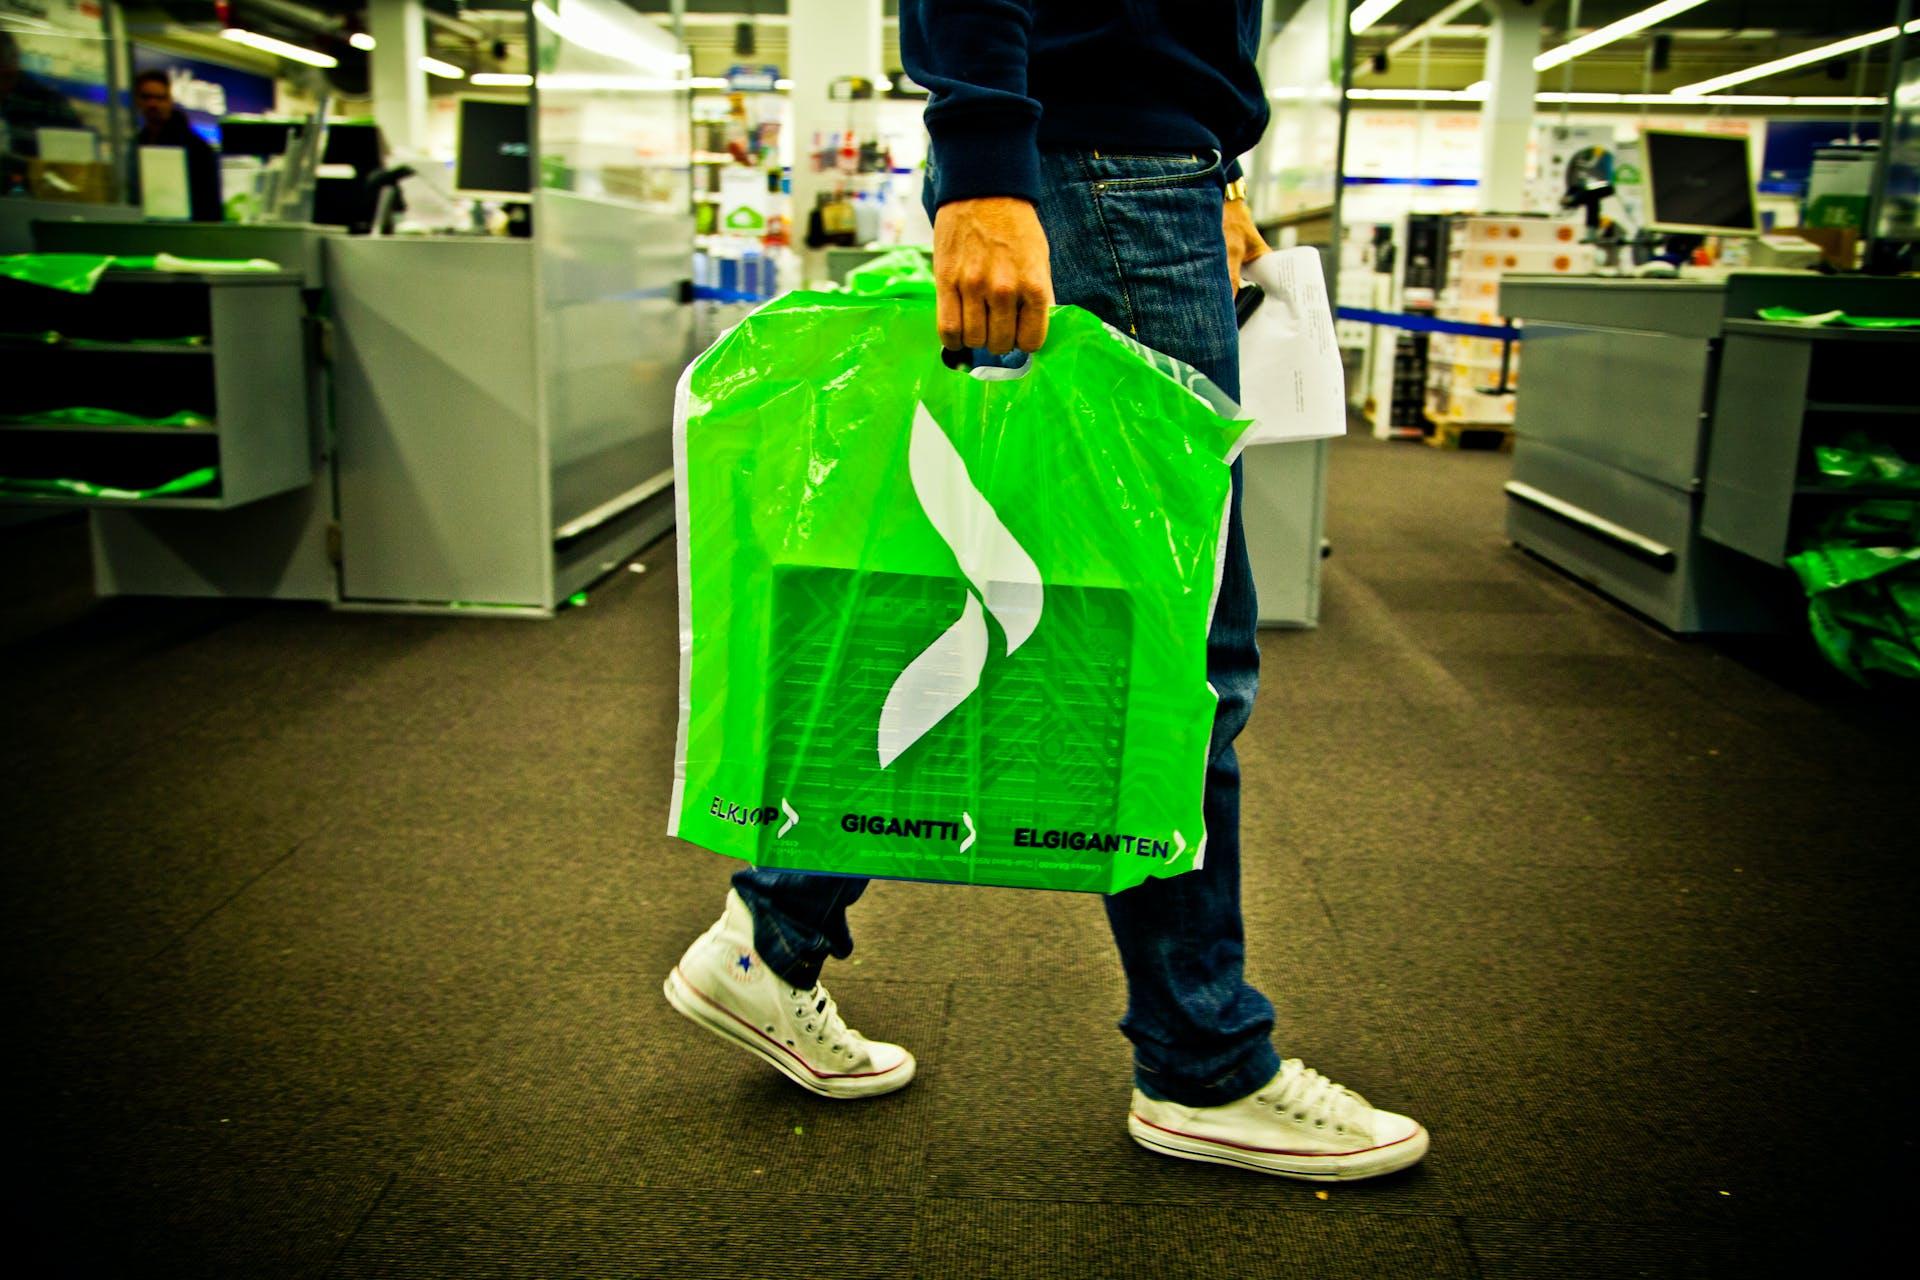 I løbet af de seneste to år er salget af plastikposer hos Elgiganten faldet med 85 procent. Foto: Joakim Mangen/Elkjøp